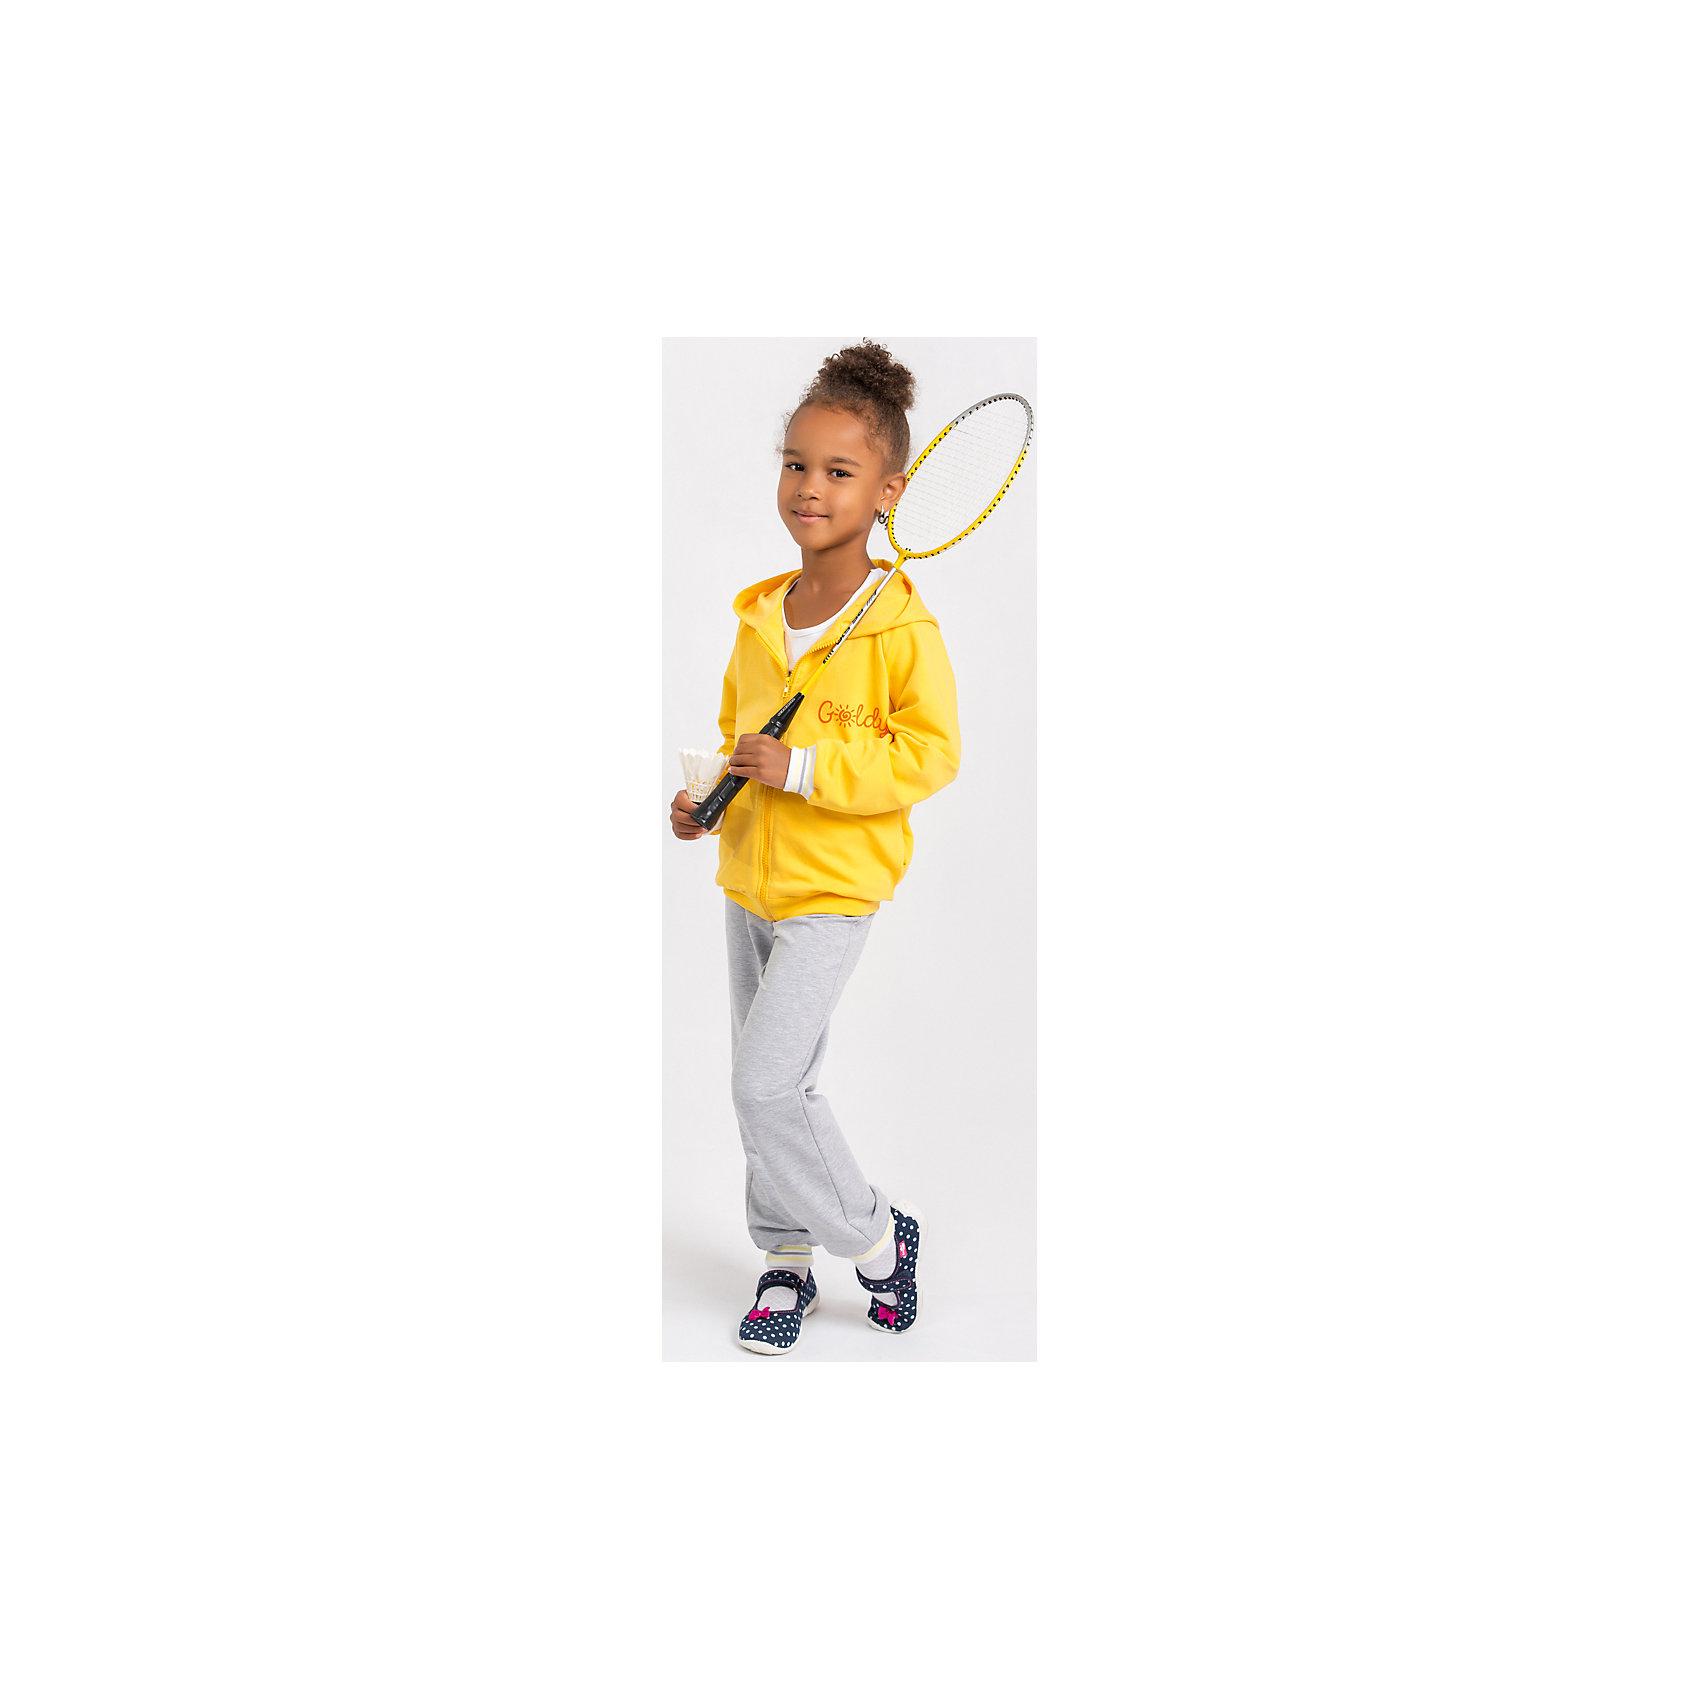 Спортивный костюм для девочки GoldyКомплекты<br>Спортивный костюм для девочки от белорусской марки Goldy. Костюм состоит из толстовки с капюшоном и брюк с манжетами.<br>Состав:<br>футер компакт пенье (70% хлопок, 26% ПЭ, 4% лайкра)<br><br>Ширина мм: 247<br>Глубина мм: 16<br>Высота мм: 140<br>Вес г: 225<br>Цвет: серый/желтый<br>Возраст от месяцев: 24<br>Возраст до месяцев: 36<br>Пол: Женский<br>Возраст: Детский<br>Размер: 122,92,110,116,98,104<br>SKU: 4921215